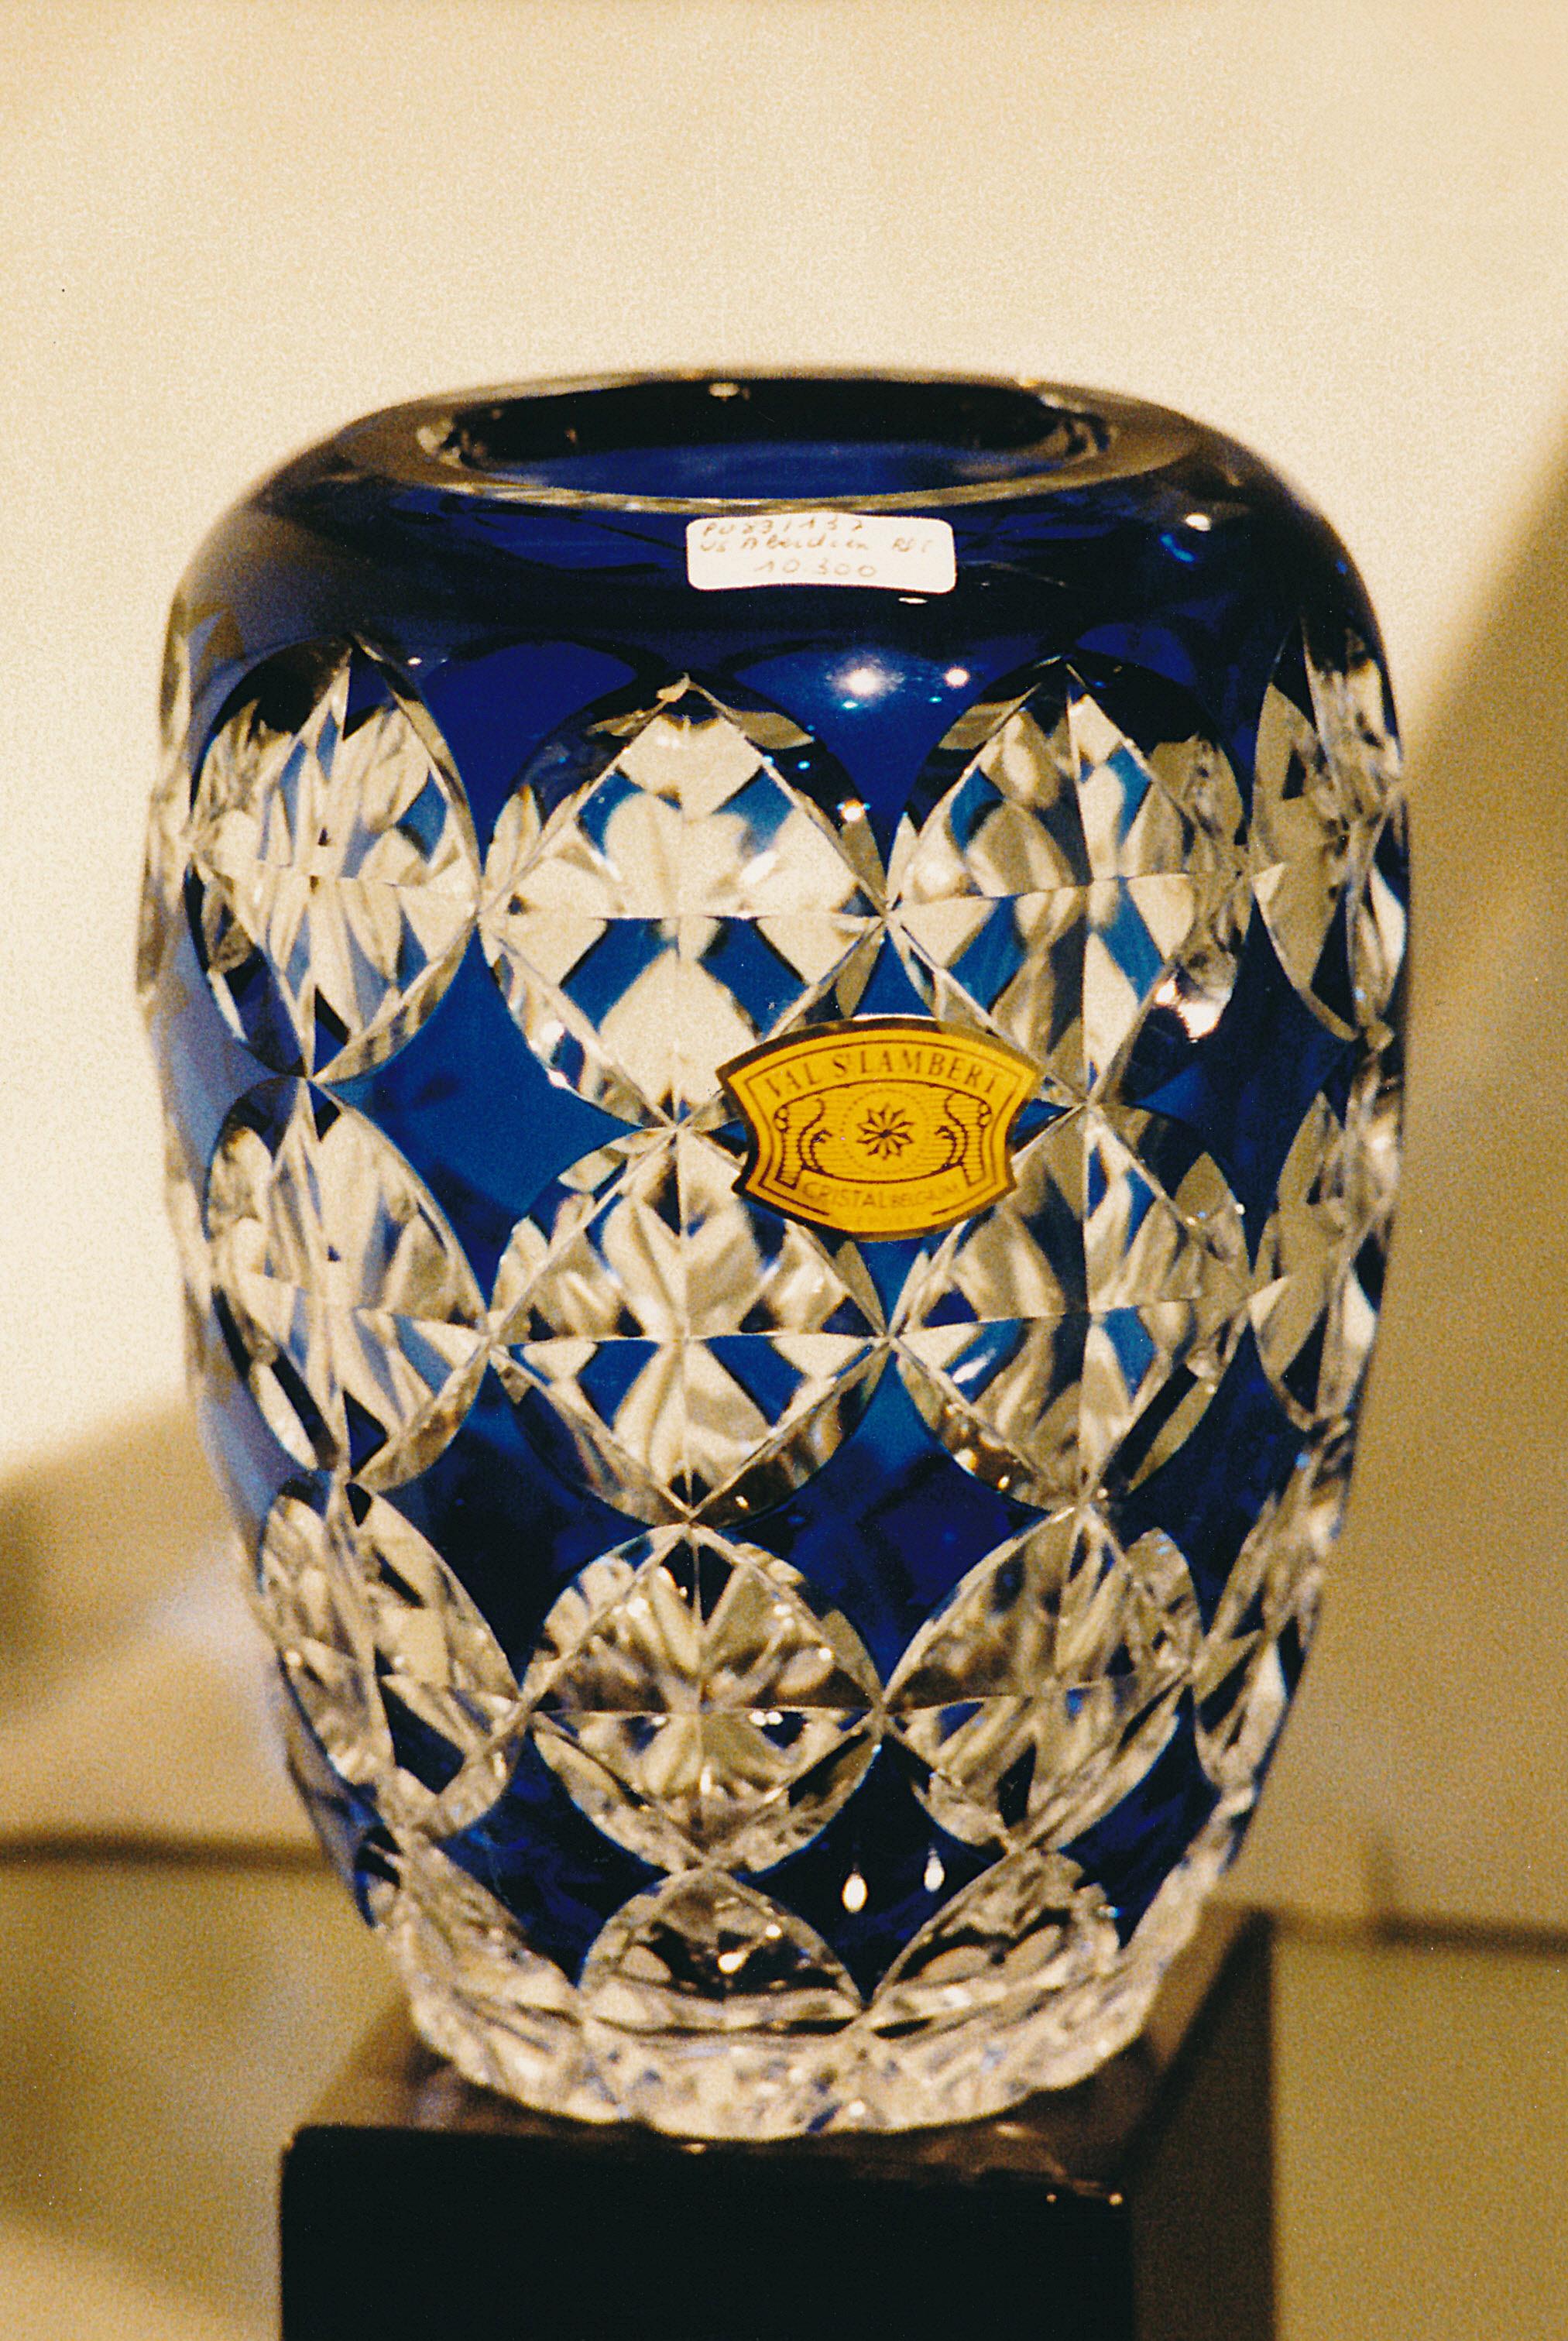 Vase En Cristal De Boheme Rectangulaire Decor Ef Bf Bd De Fleurs Rav Ef Bf Bdes